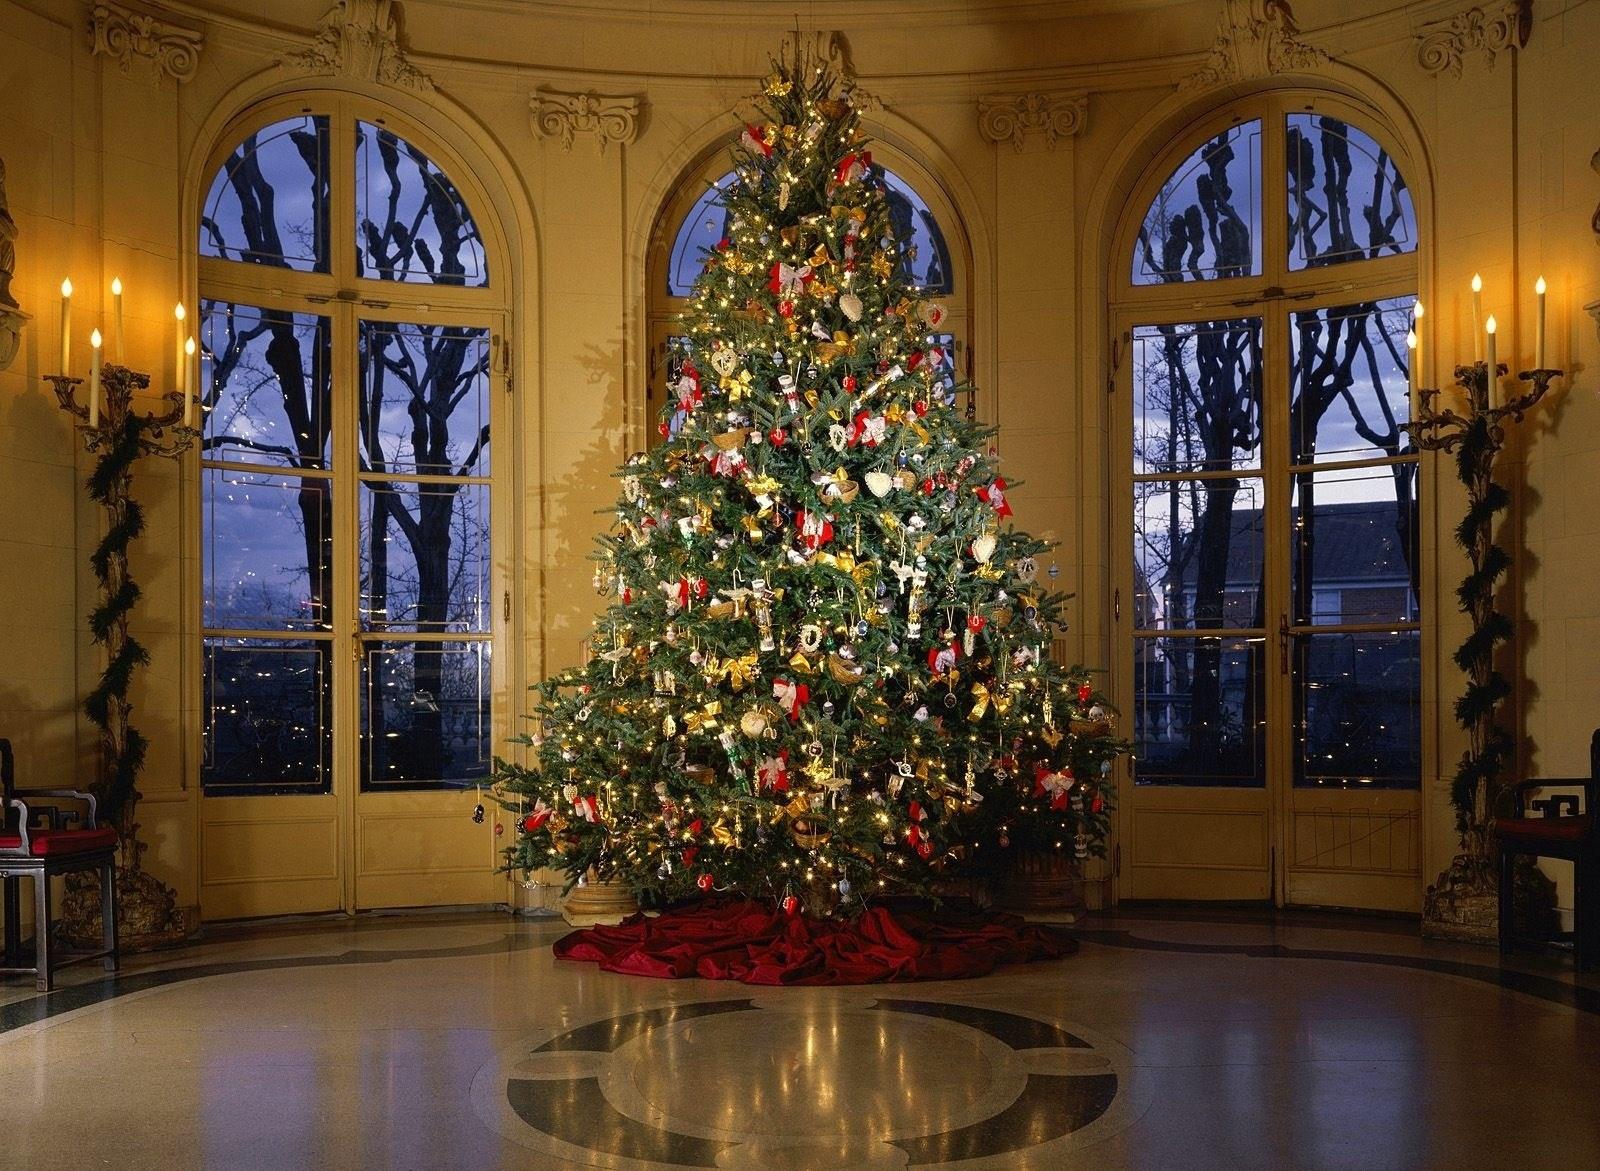 Украшенная елка - C наступающим новым годом 2017 поздравительные картинки